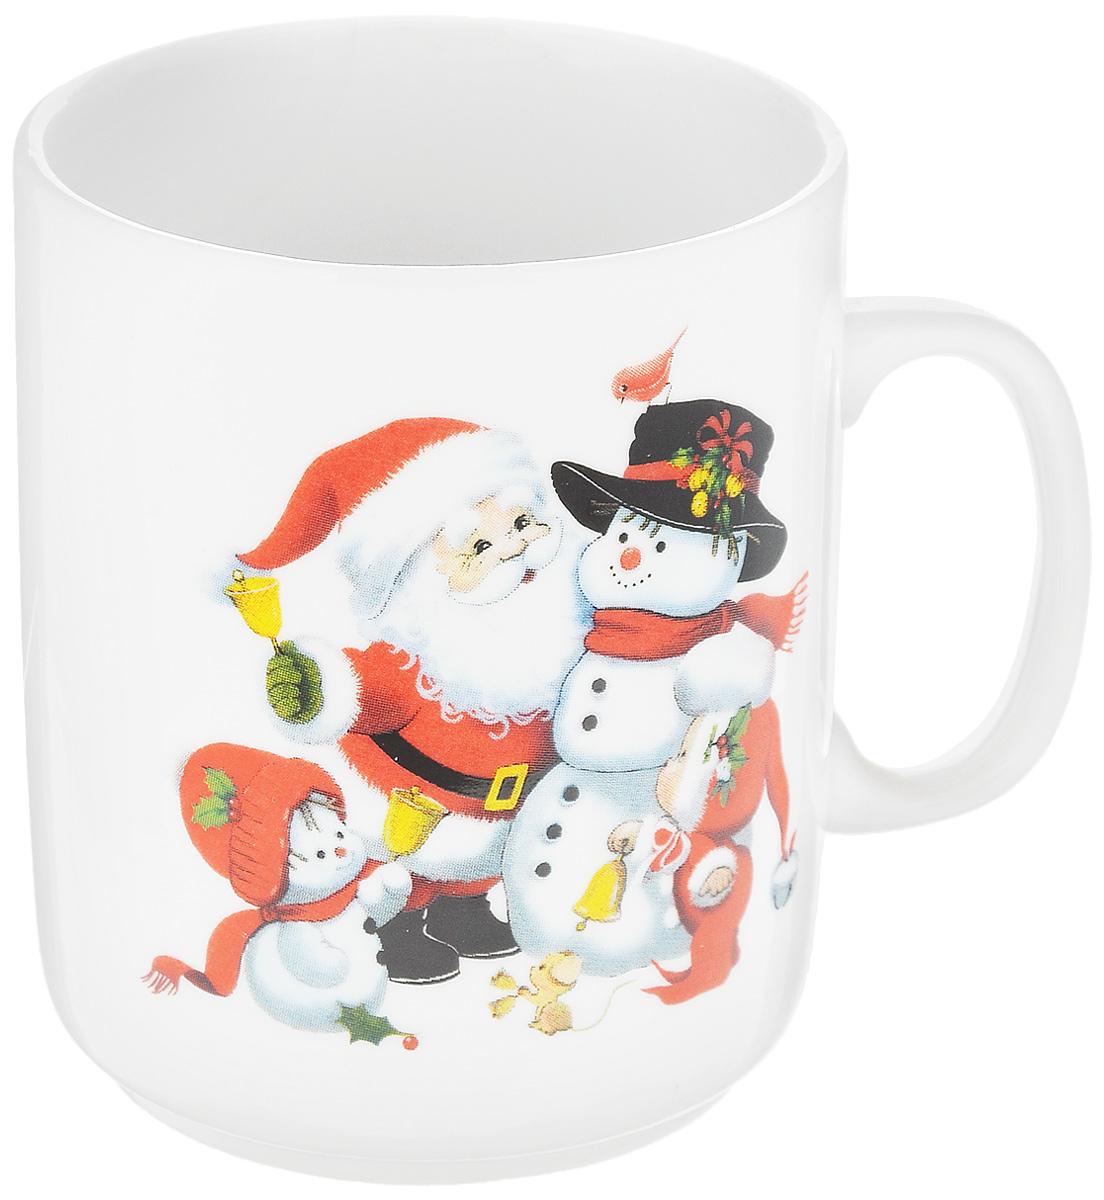 Кружка Фарфор Вербилок Дед Мороз, 300 мл54 009303Кружка Фарфор Вербилок Дед Мороз способна скрасить любое чаепитие. Изделие выполнено из высококачественного фарфора. Посуда из такого материала позволяет сохранить истинный вкус напитка, а также помогает ему дольше оставаться теплым.Диаметр по верхнему краю: 7,5 см.Высота кружки: 10 см.